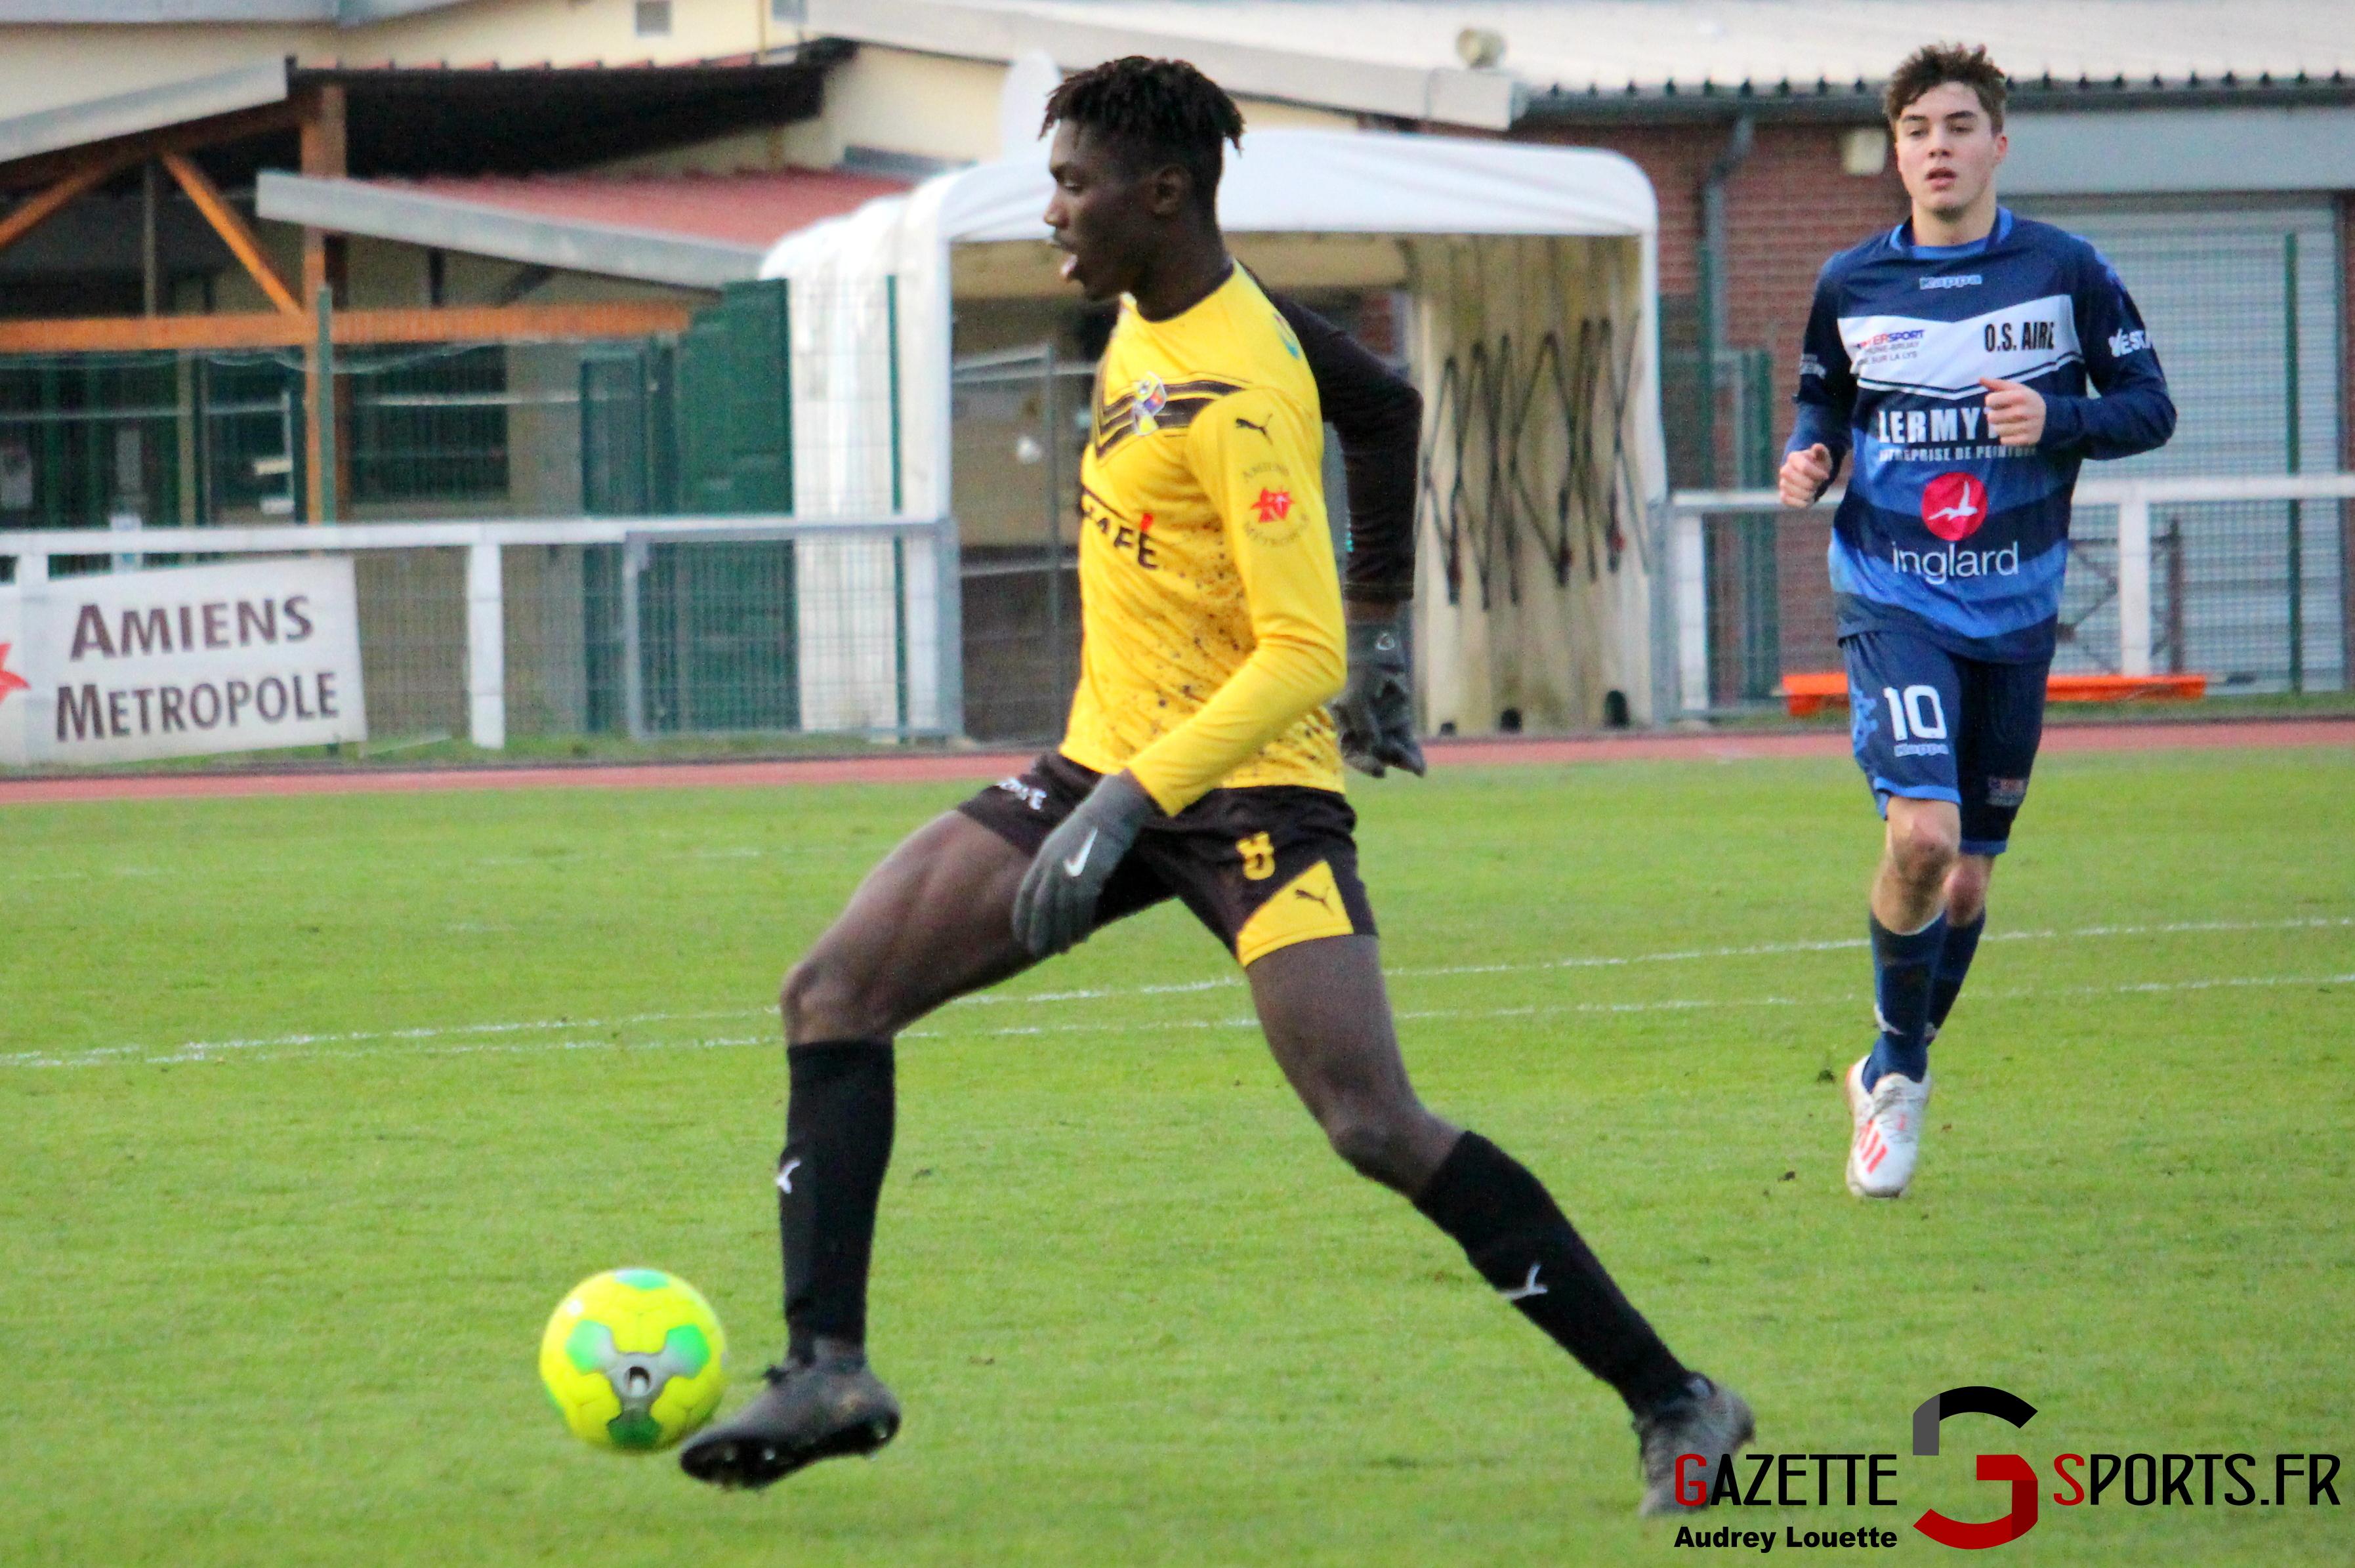 Football Camon Vs Aire Sur La Lys Audrey Louette Gazettesports (38)